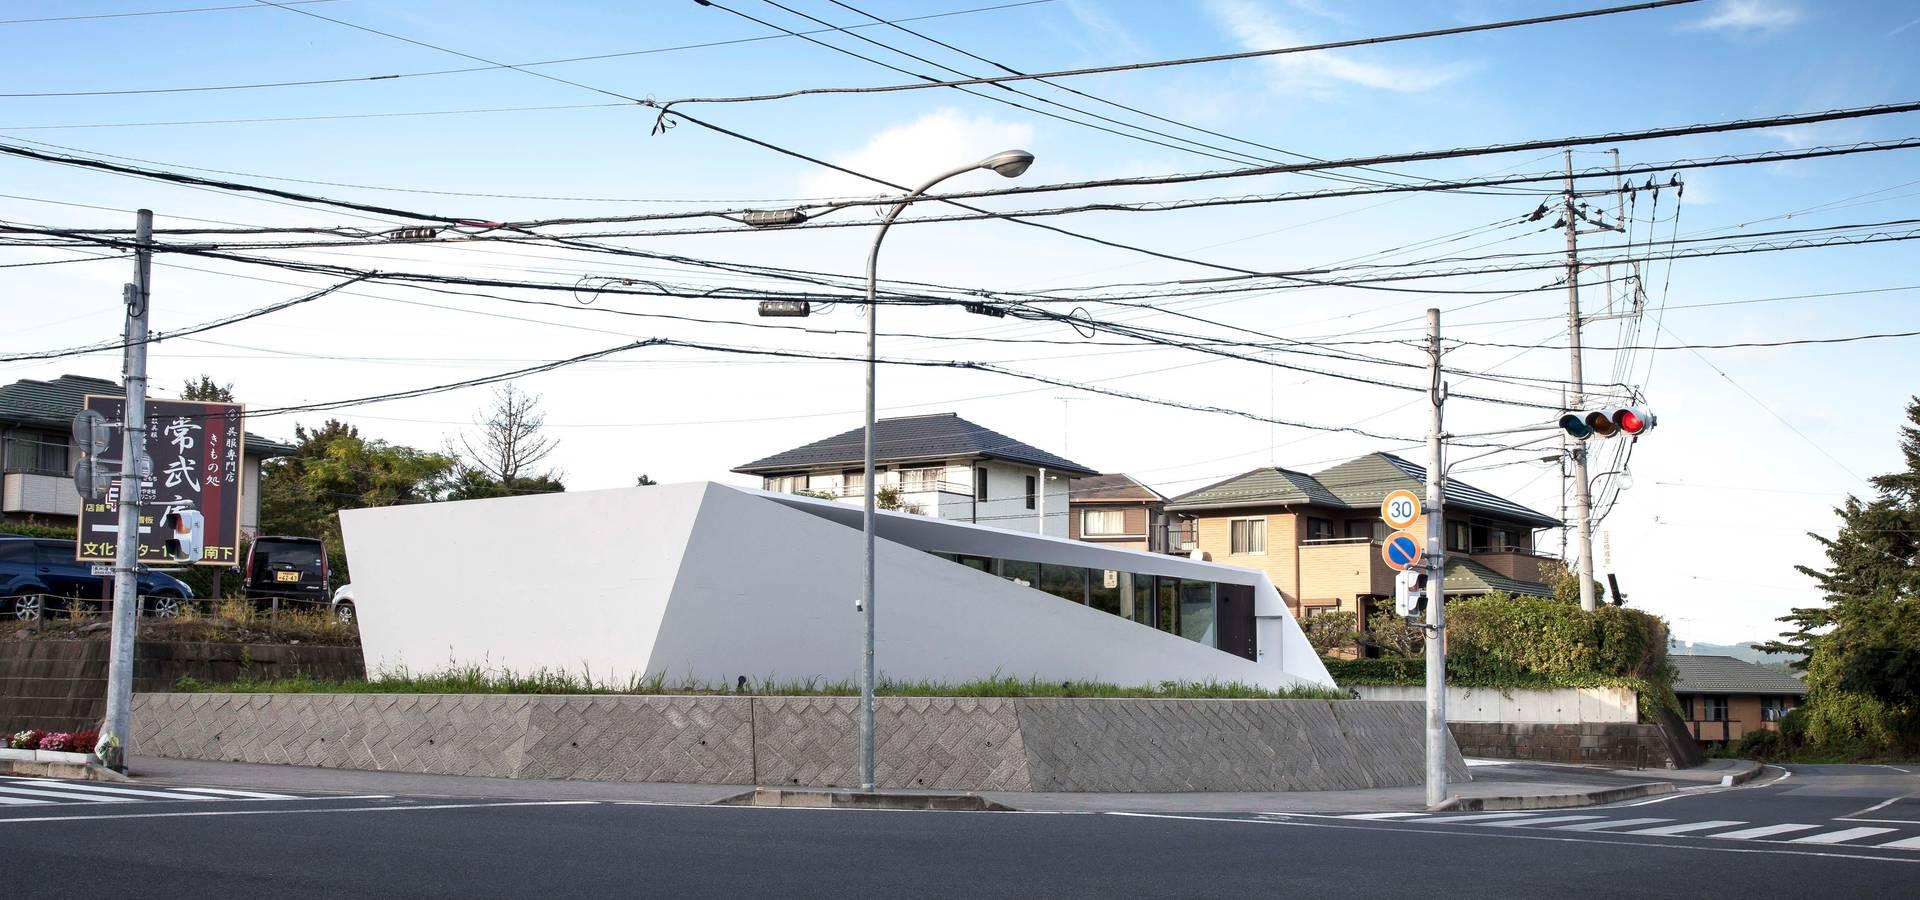 後藤武建築設計事務所